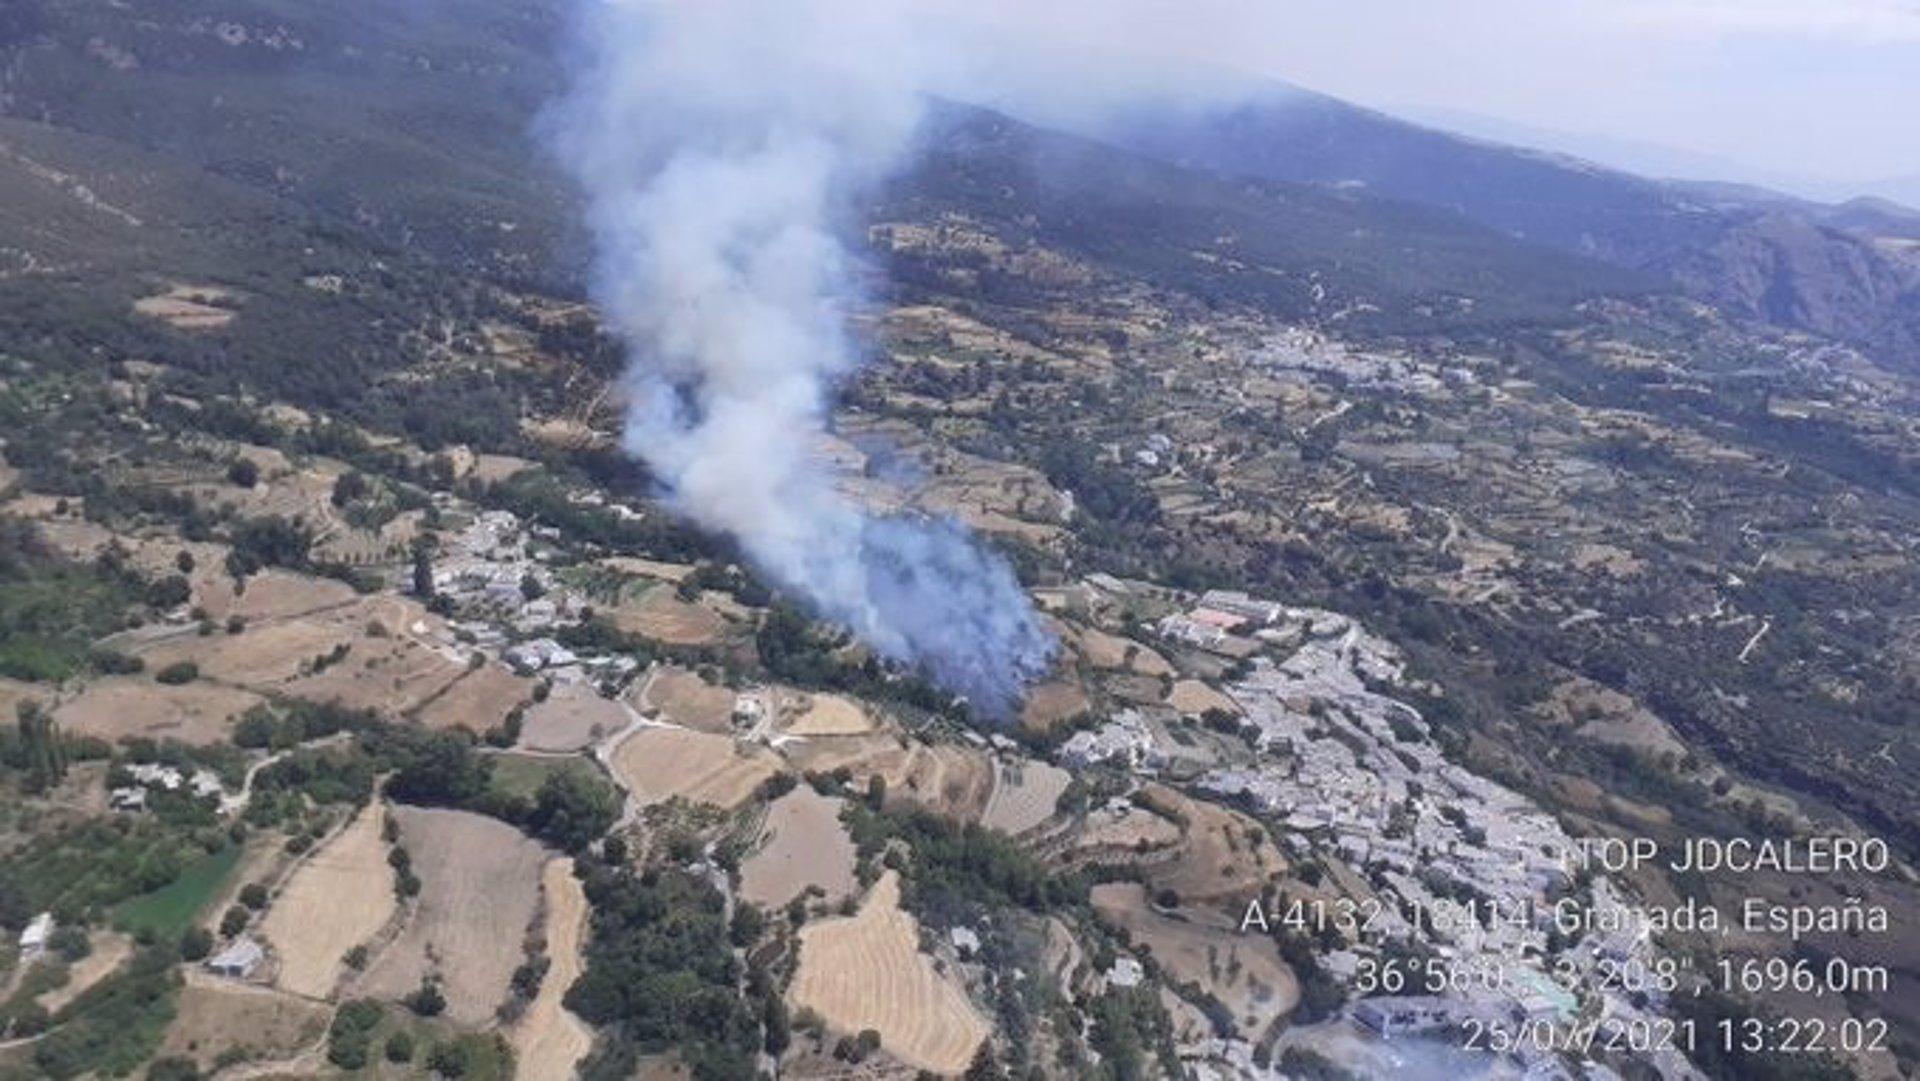 Controlado el incendio forestal de La Taha, que ha calcinado unas seis hectáreas